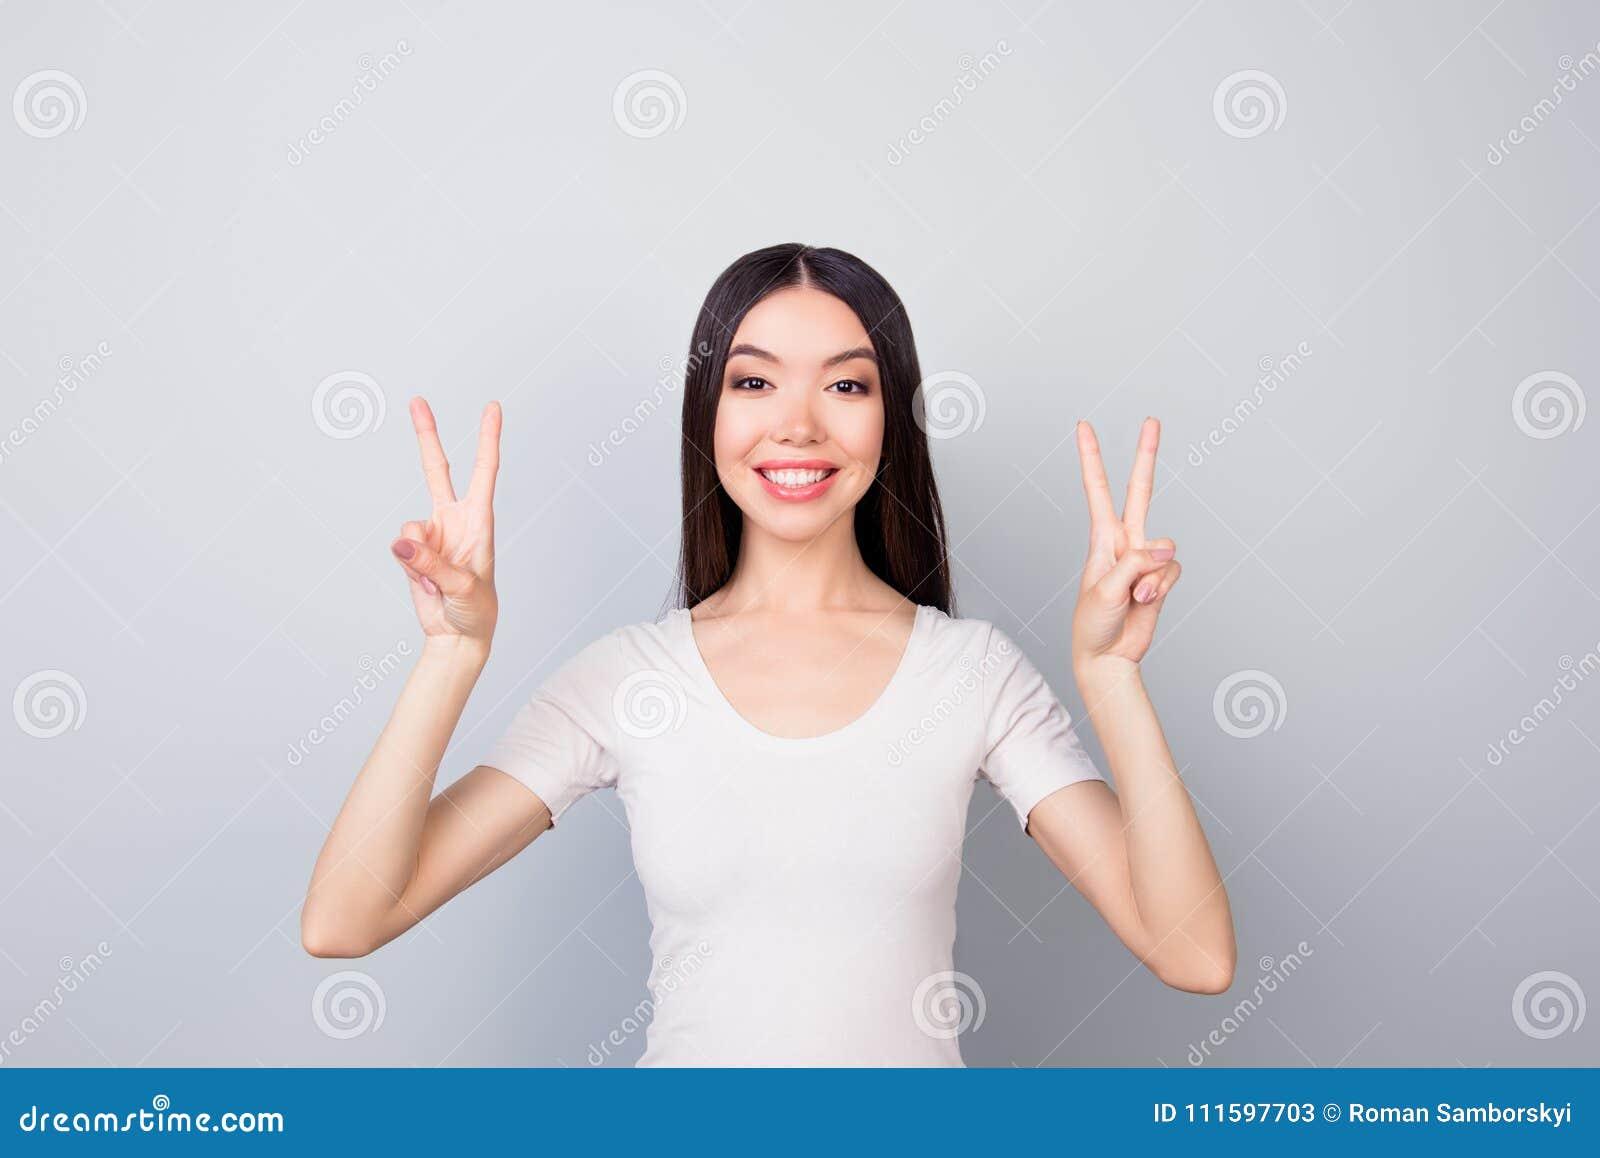 Retrato de alegre, divertido, sonriendo, demostración dentuda, hermosa de la muchacha